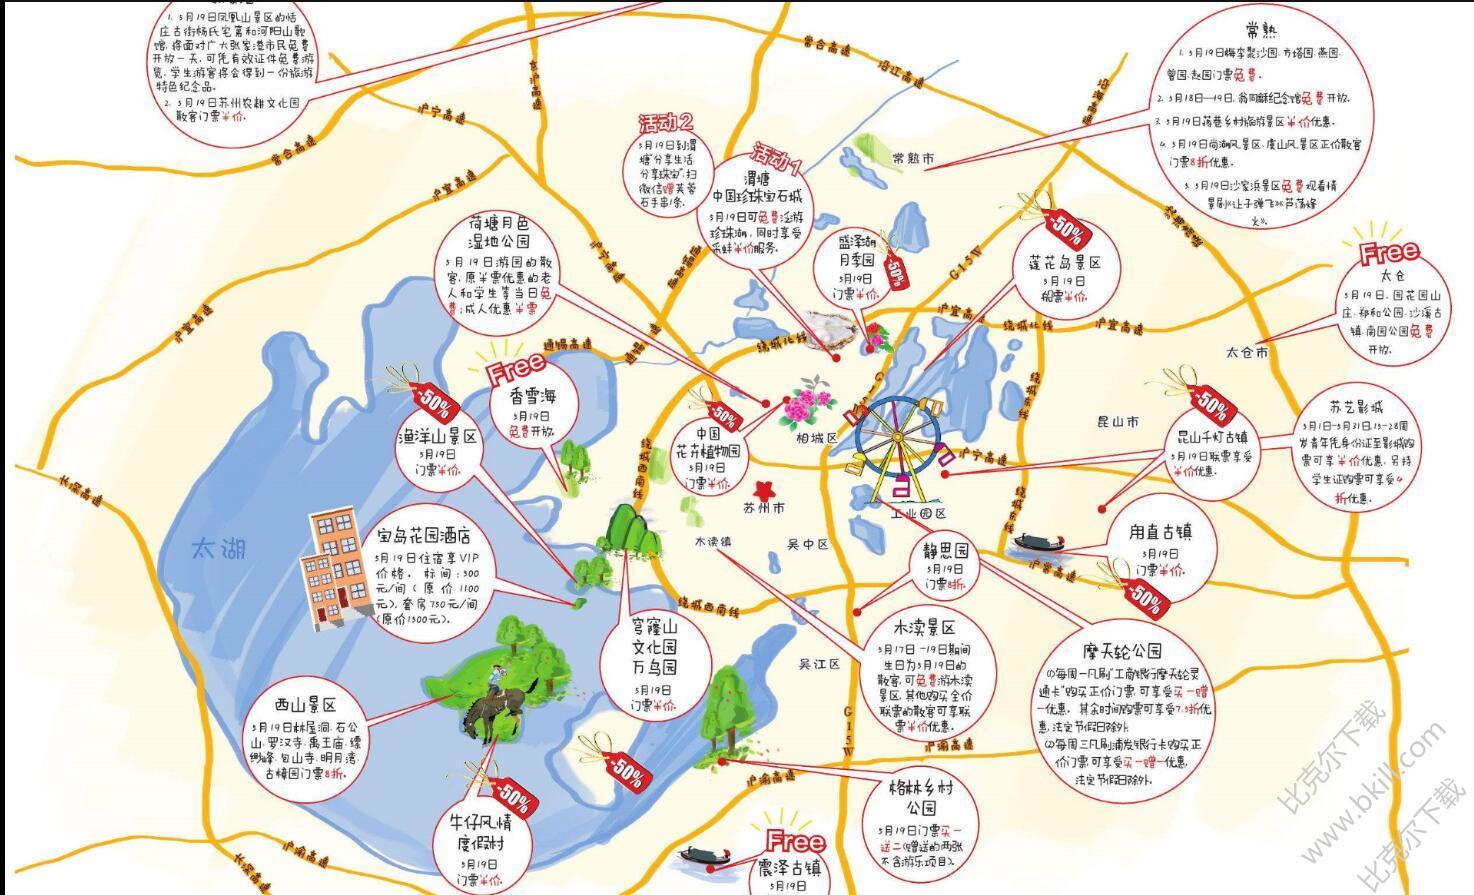 苏州旅游地图全图高清版 手绘版